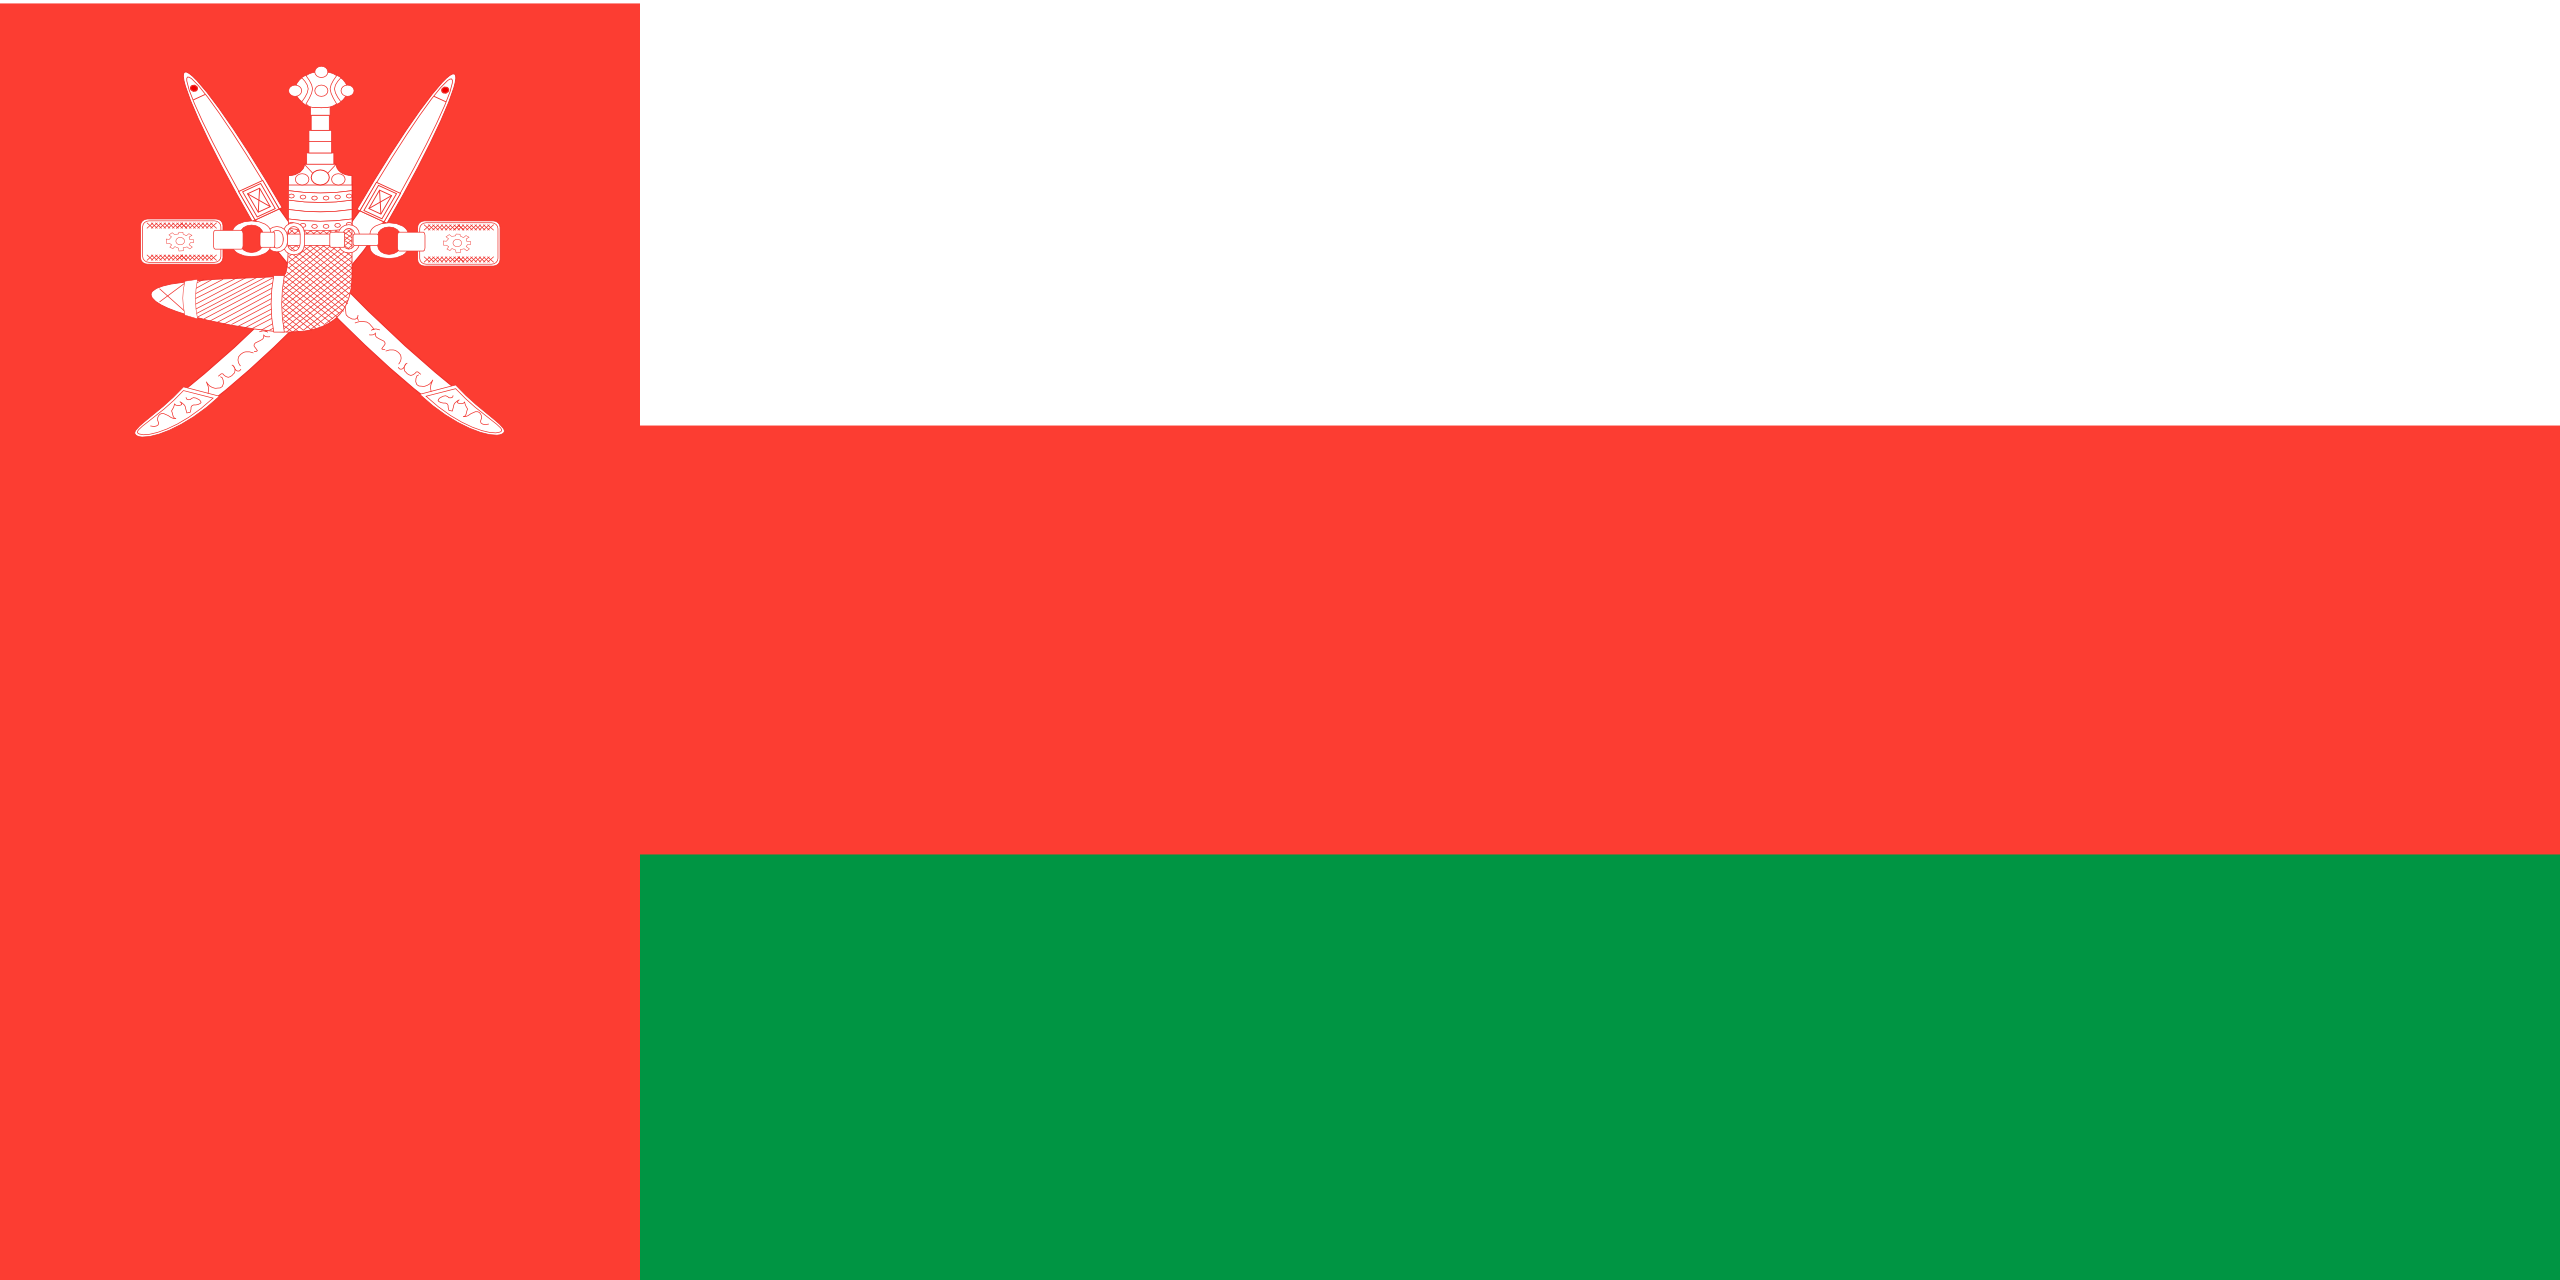 Oman, pays, emblème, logo, symbole - Fonds d'écran HD - Professor-falken.com